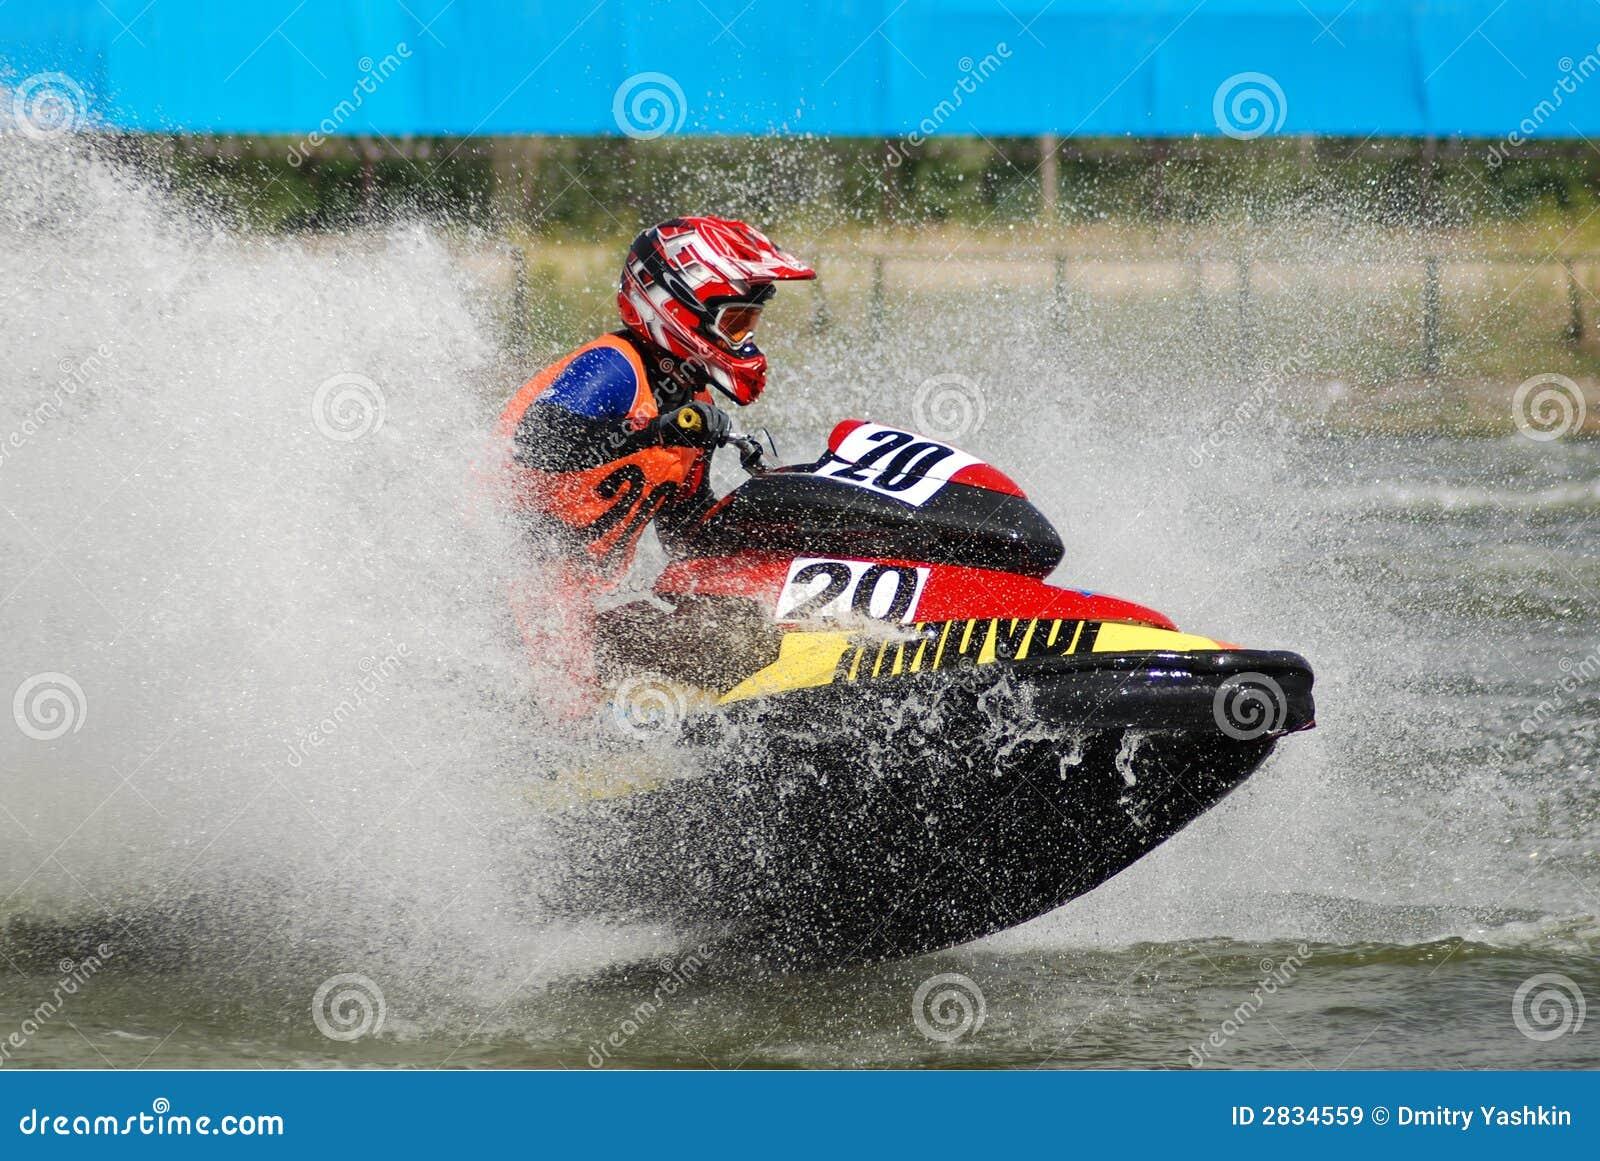 υψηλή ταχύτητα jetski6